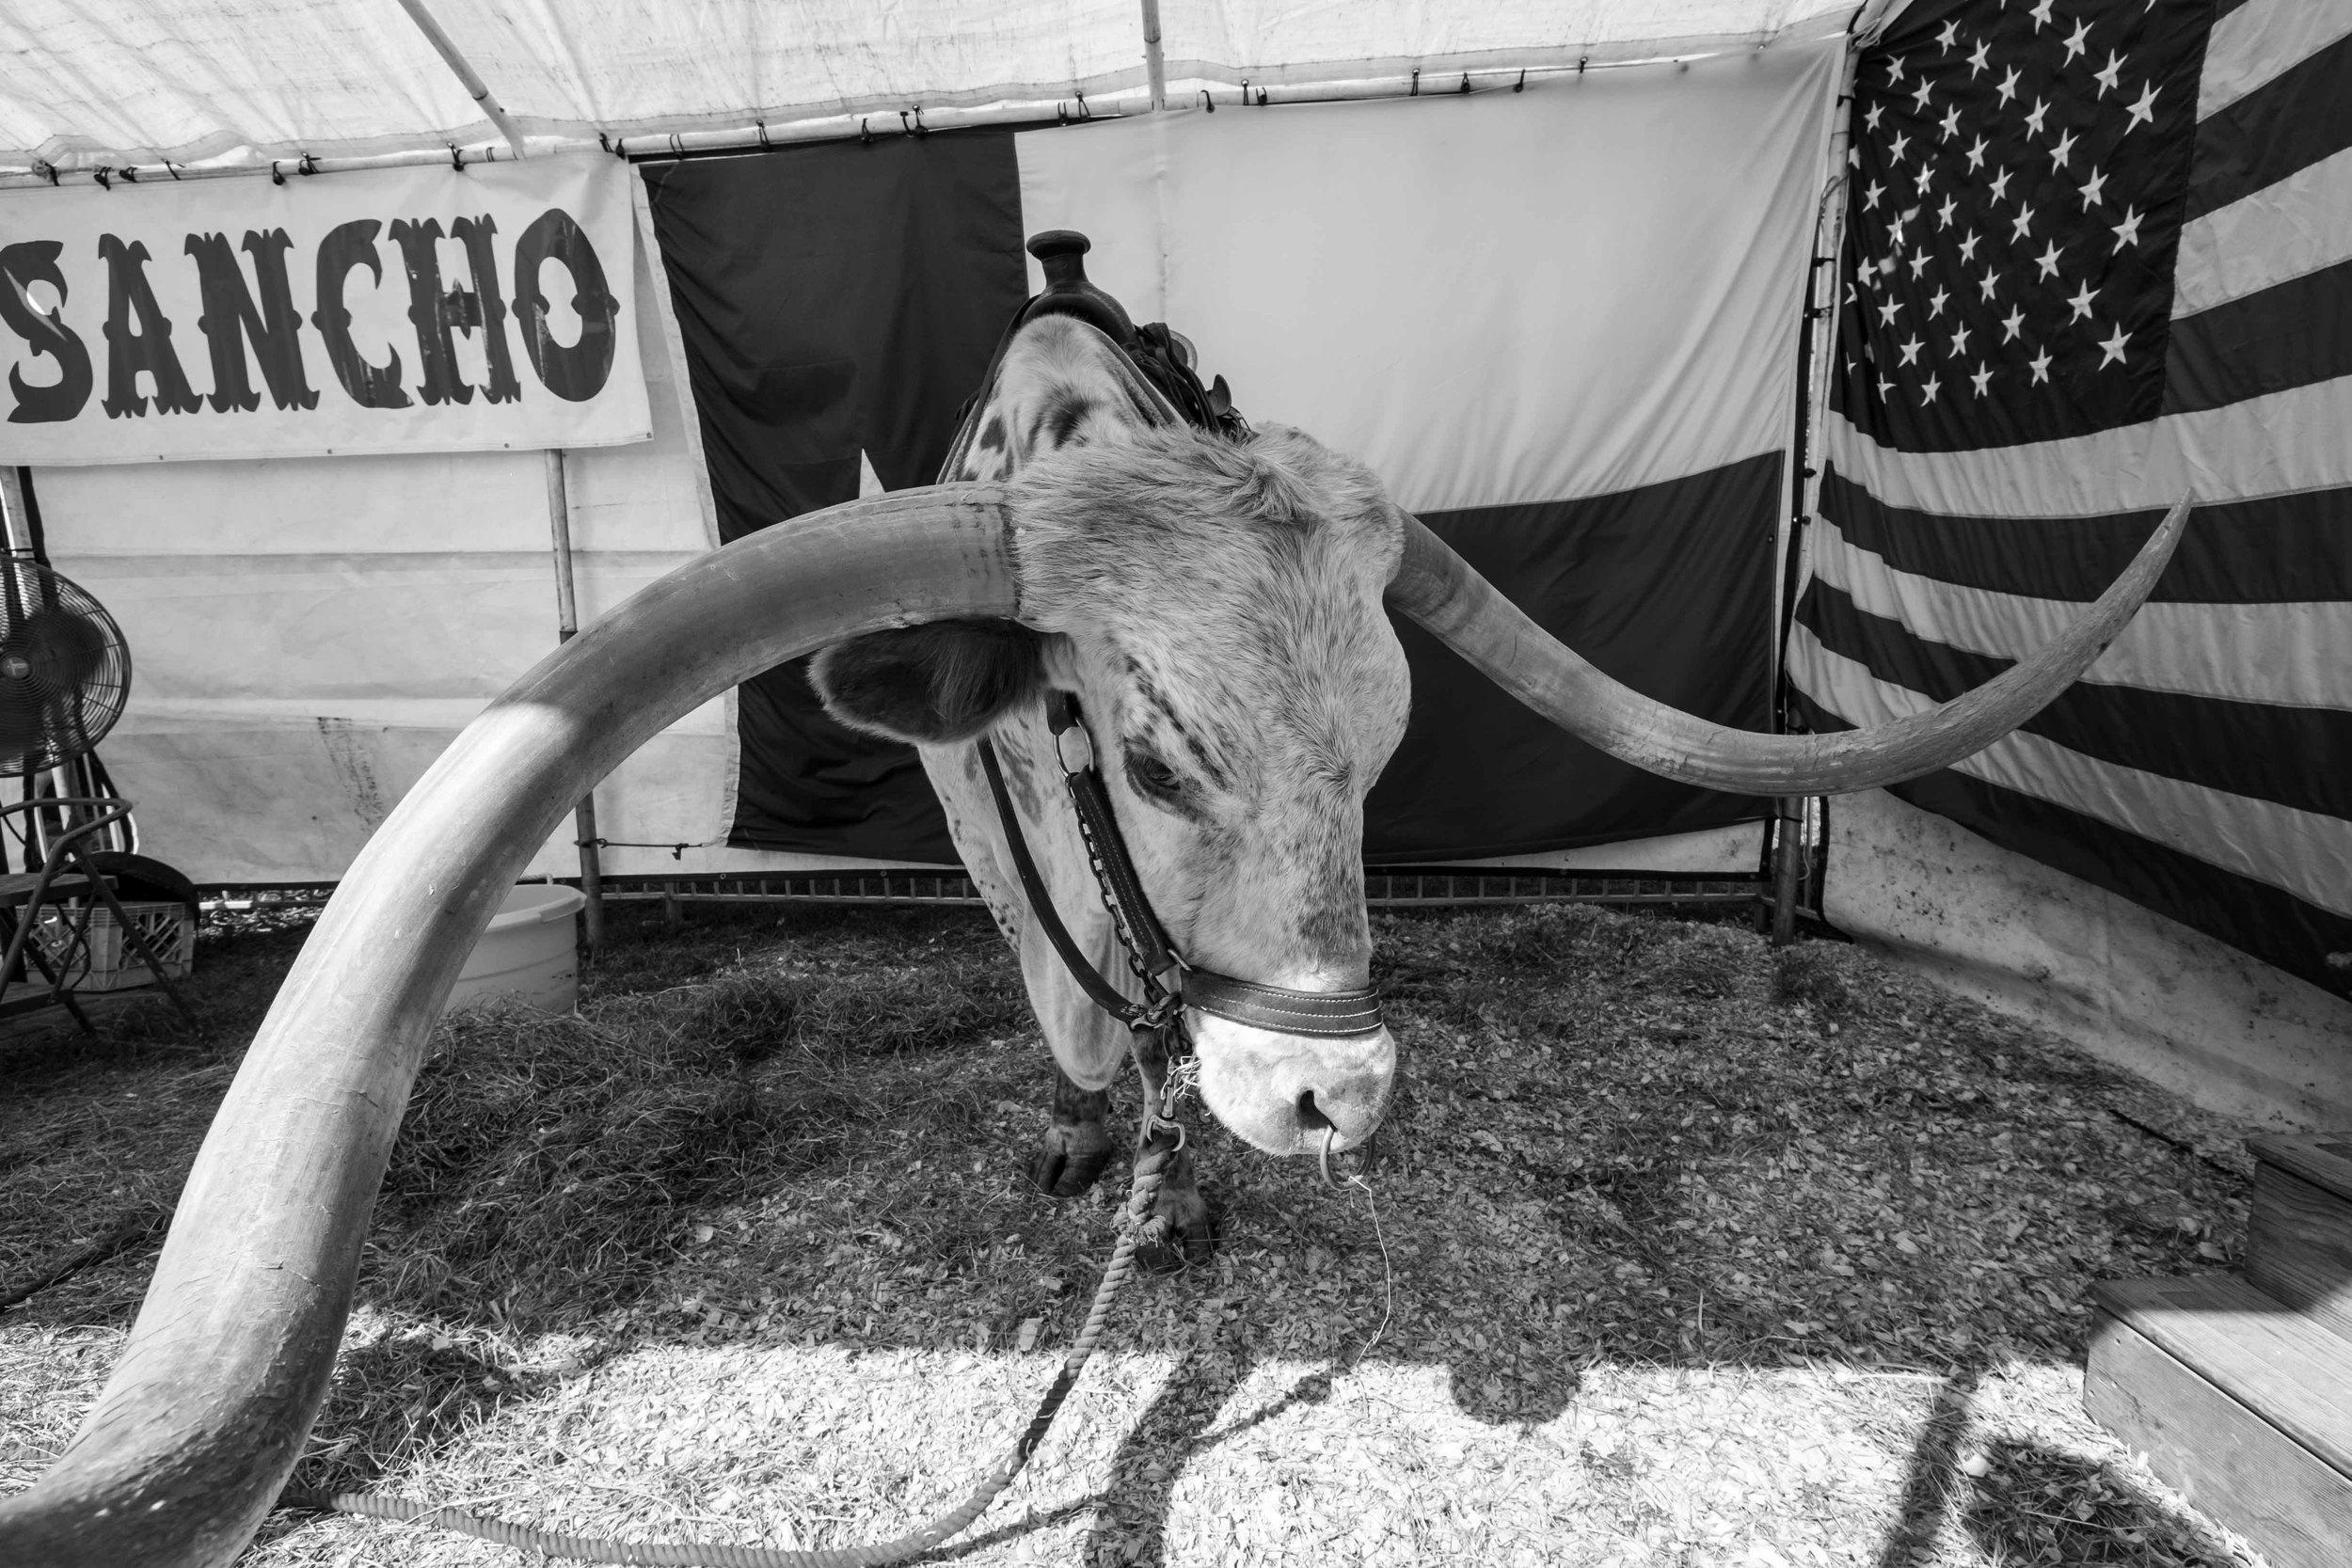 Wayne county fair